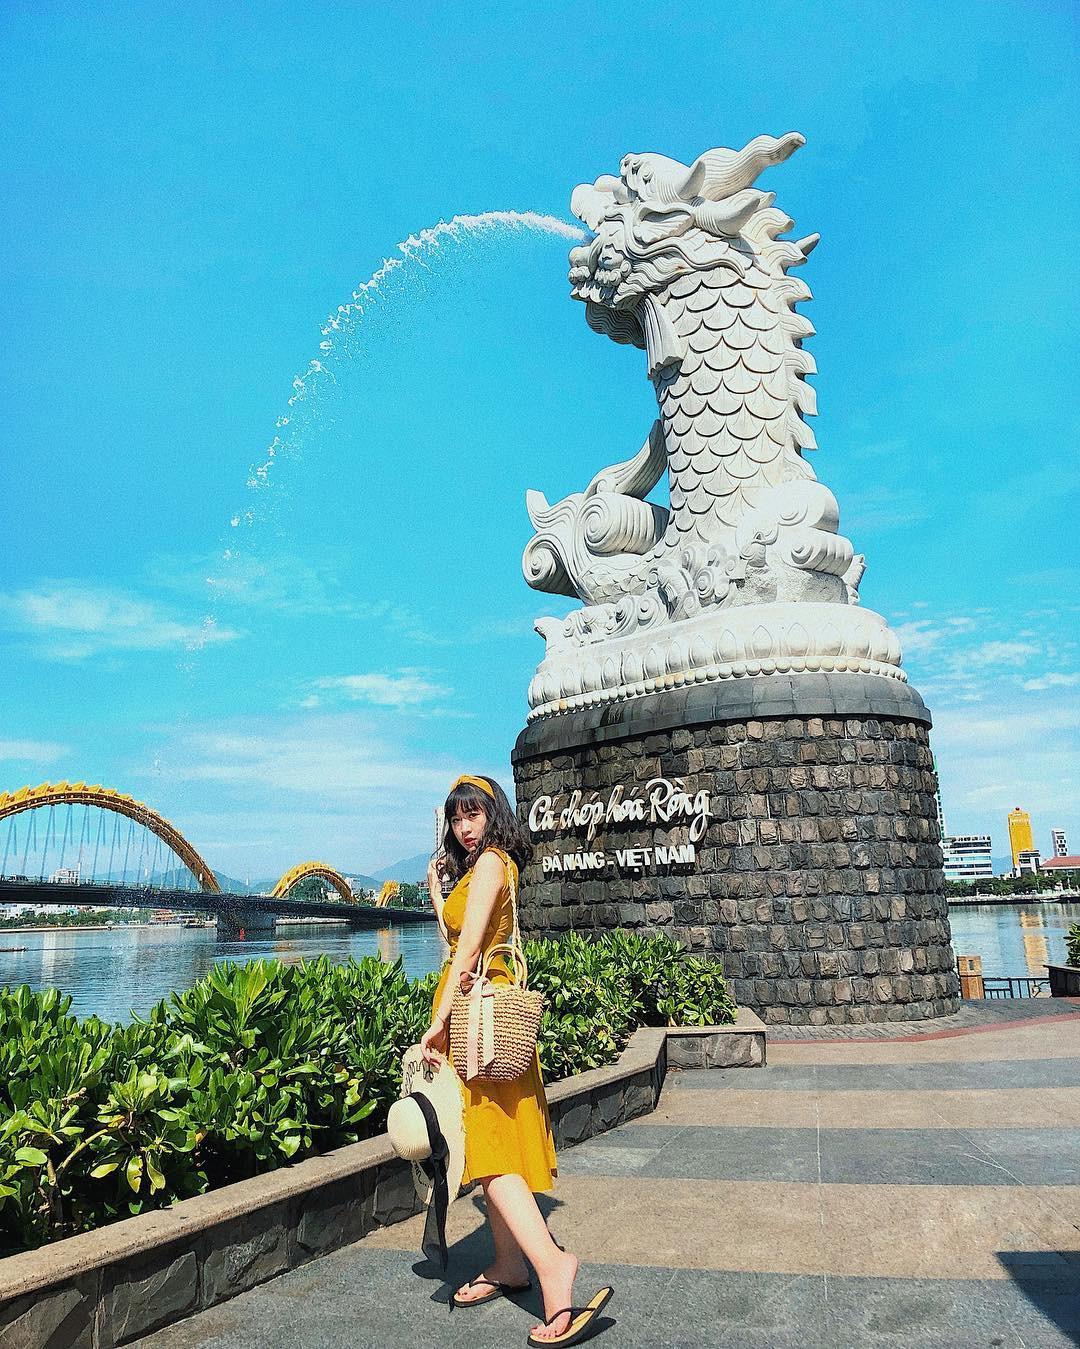 """Chỉ với 2 tọa độ cực phẩm này, Đà Nẵng đích thị là """"Singapore thu nhỏ"""" giữa lòng Việt Nam chứ đâu! - Ảnh 19."""